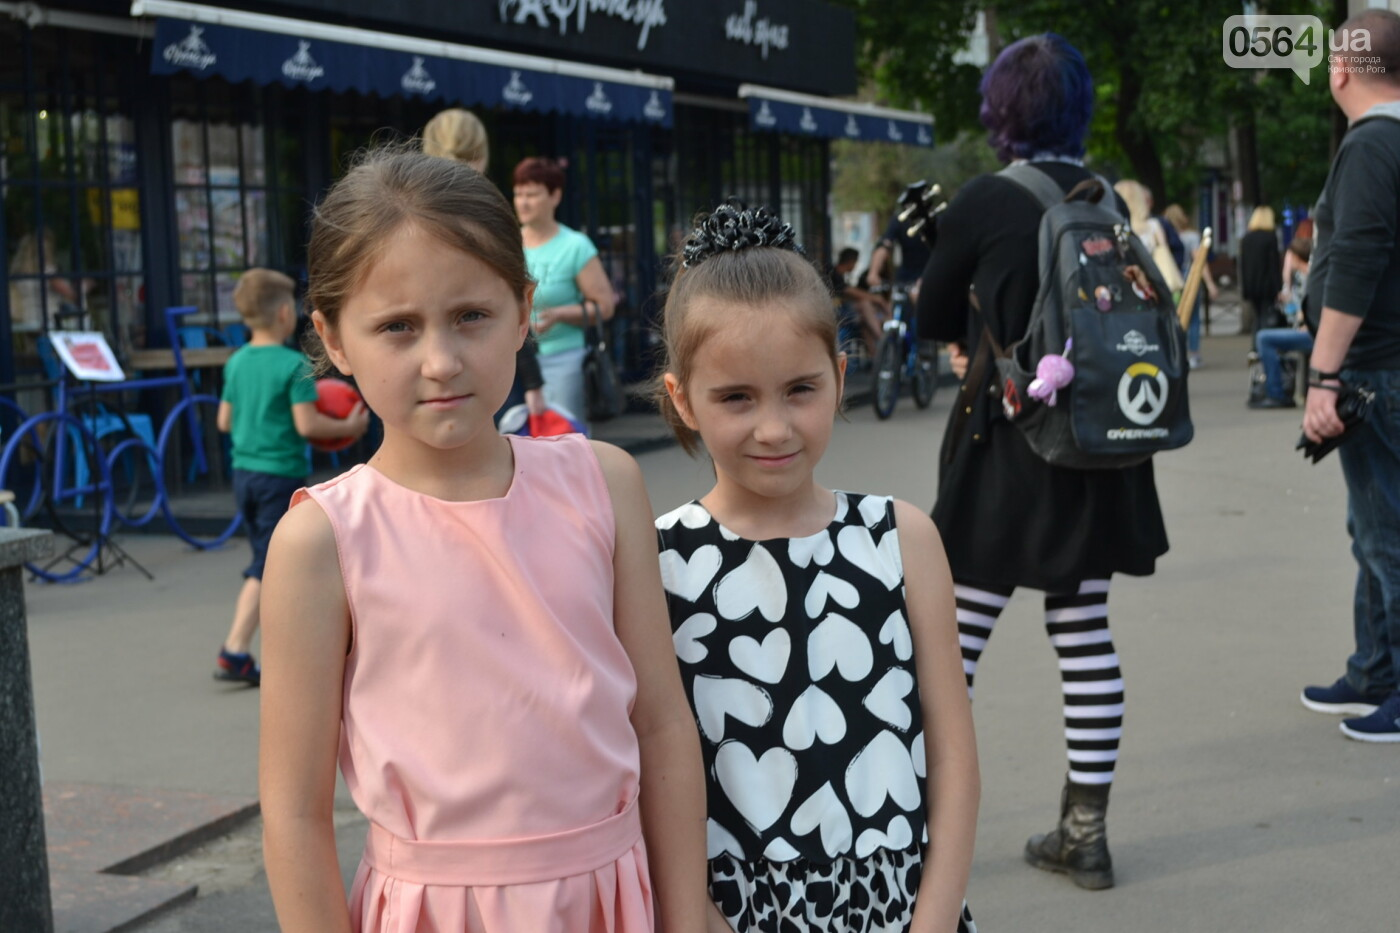 Концерт от Madisan Rock Club: криворожские музыканты поддержали юную Алину Михалковскую, - ФОТО, ВИДЕО, фото-30